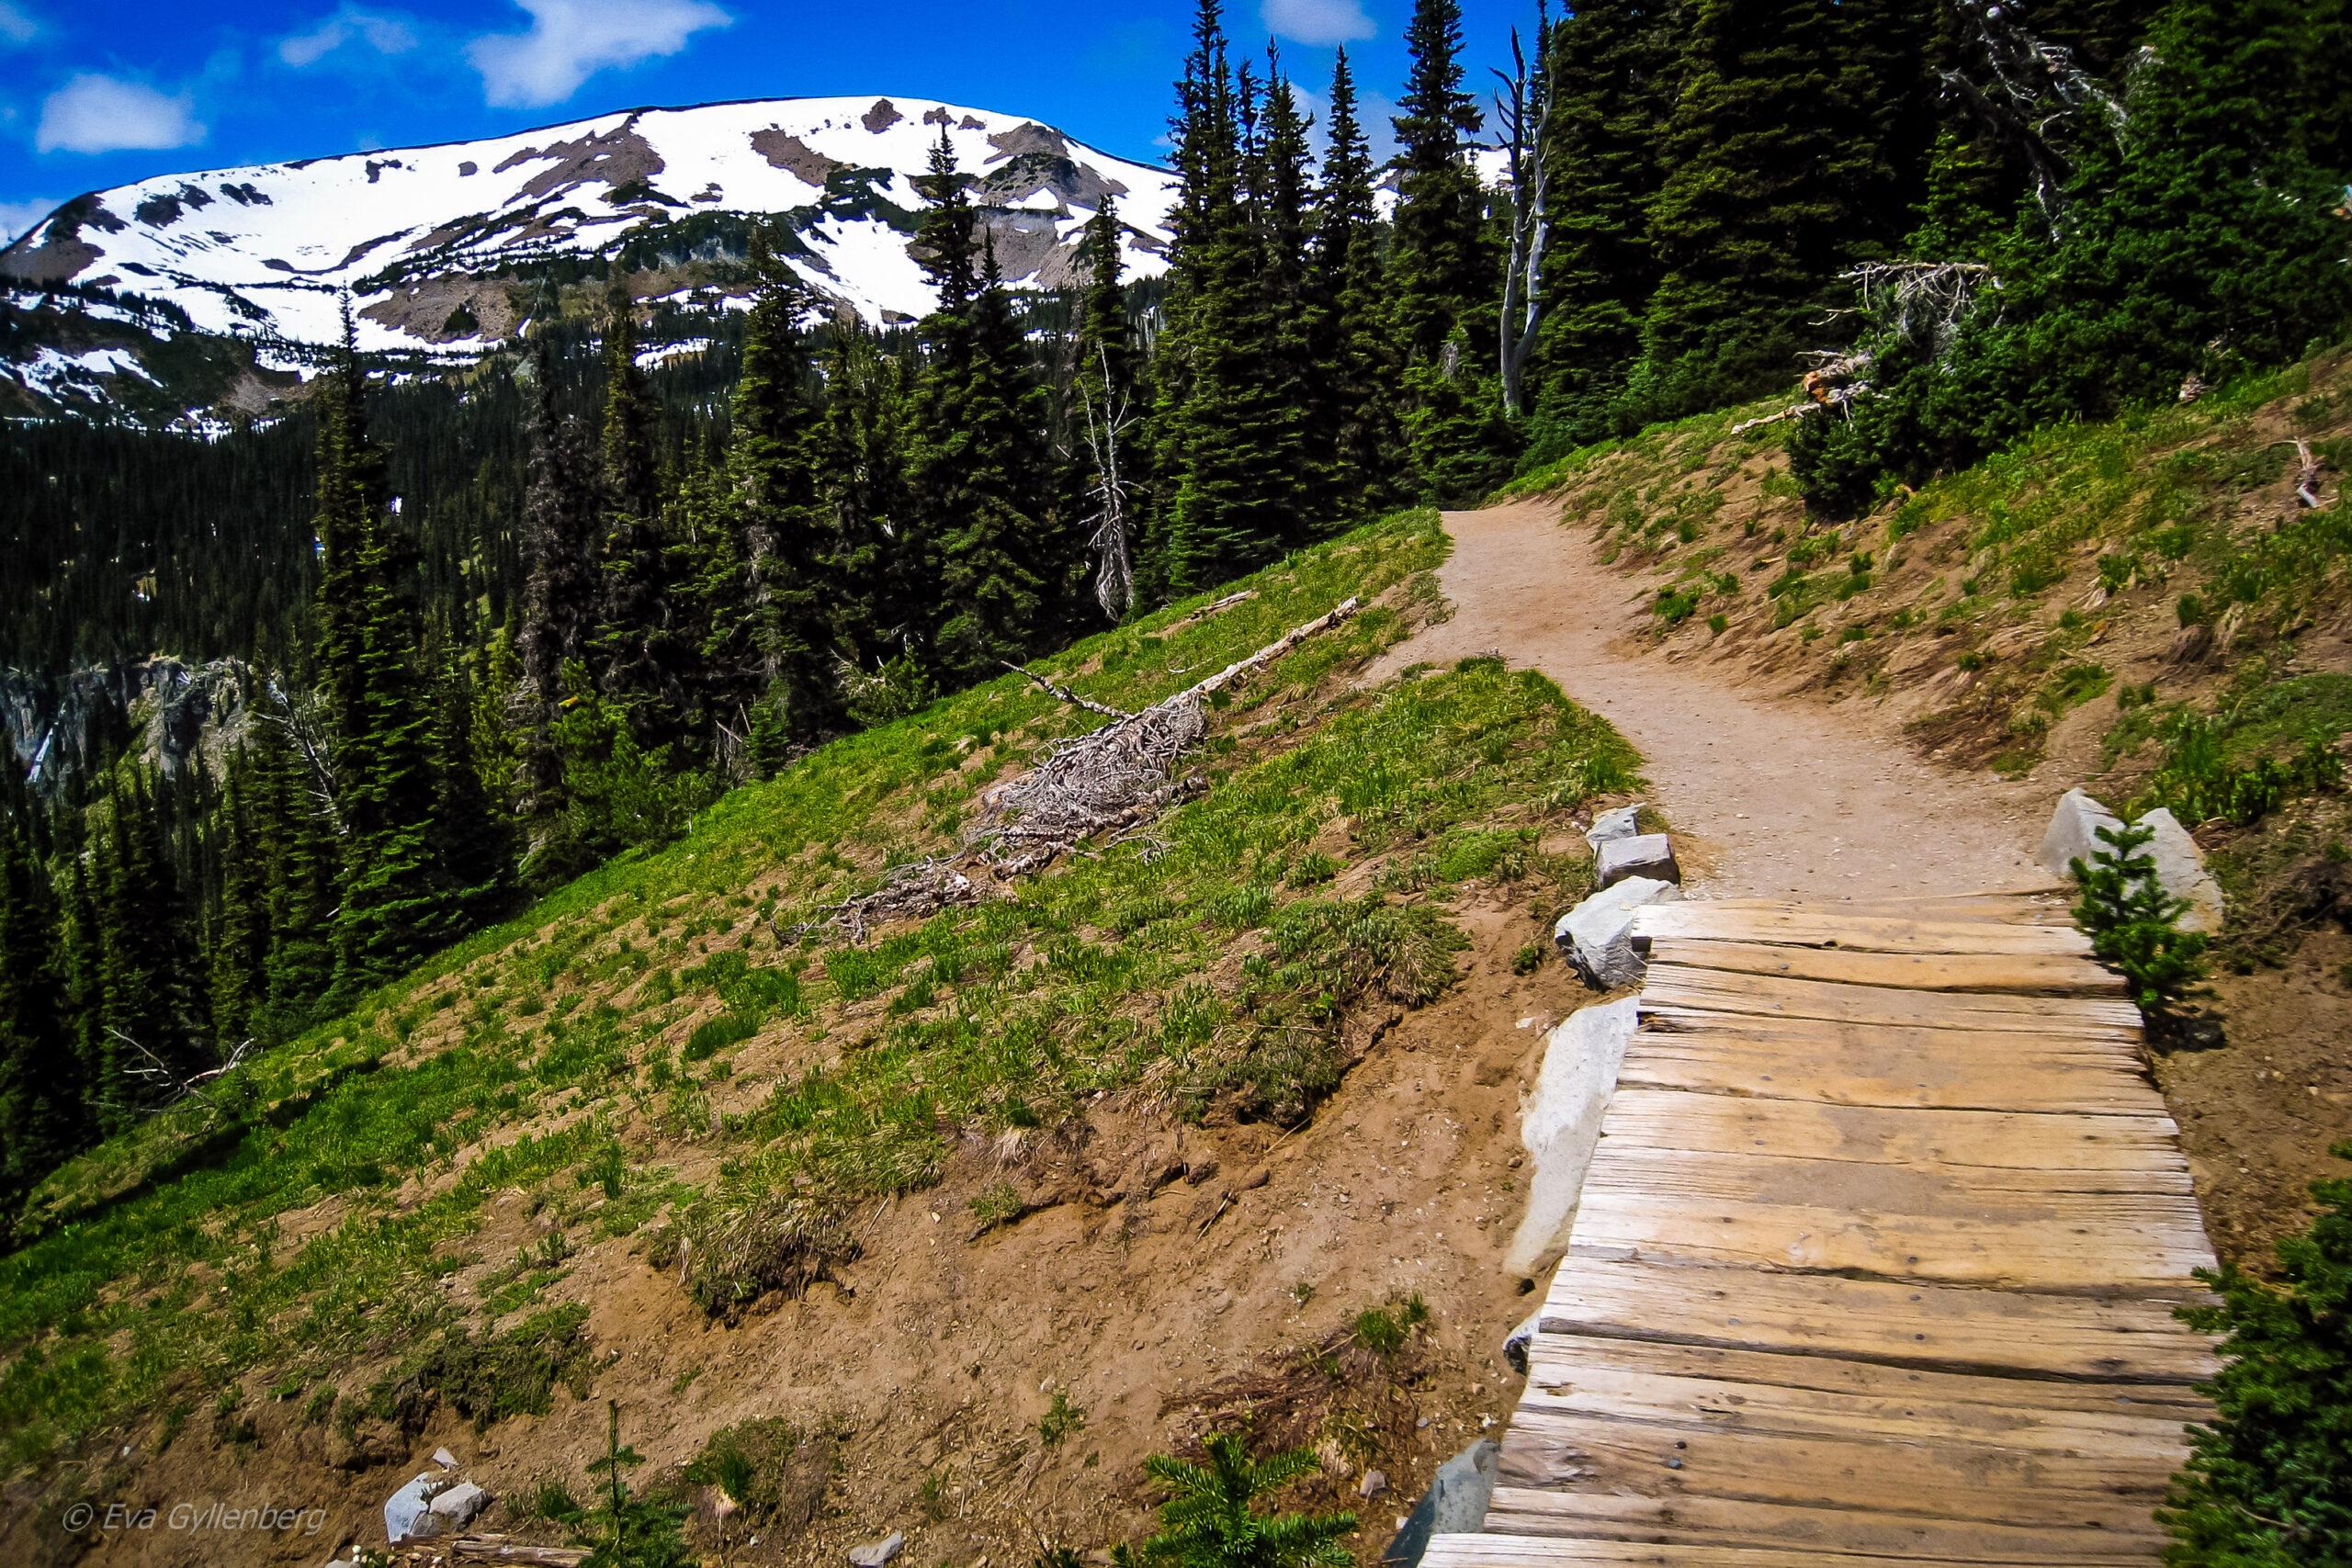 Mount Rainier National Park: Glaciärer och sommarsnö 13